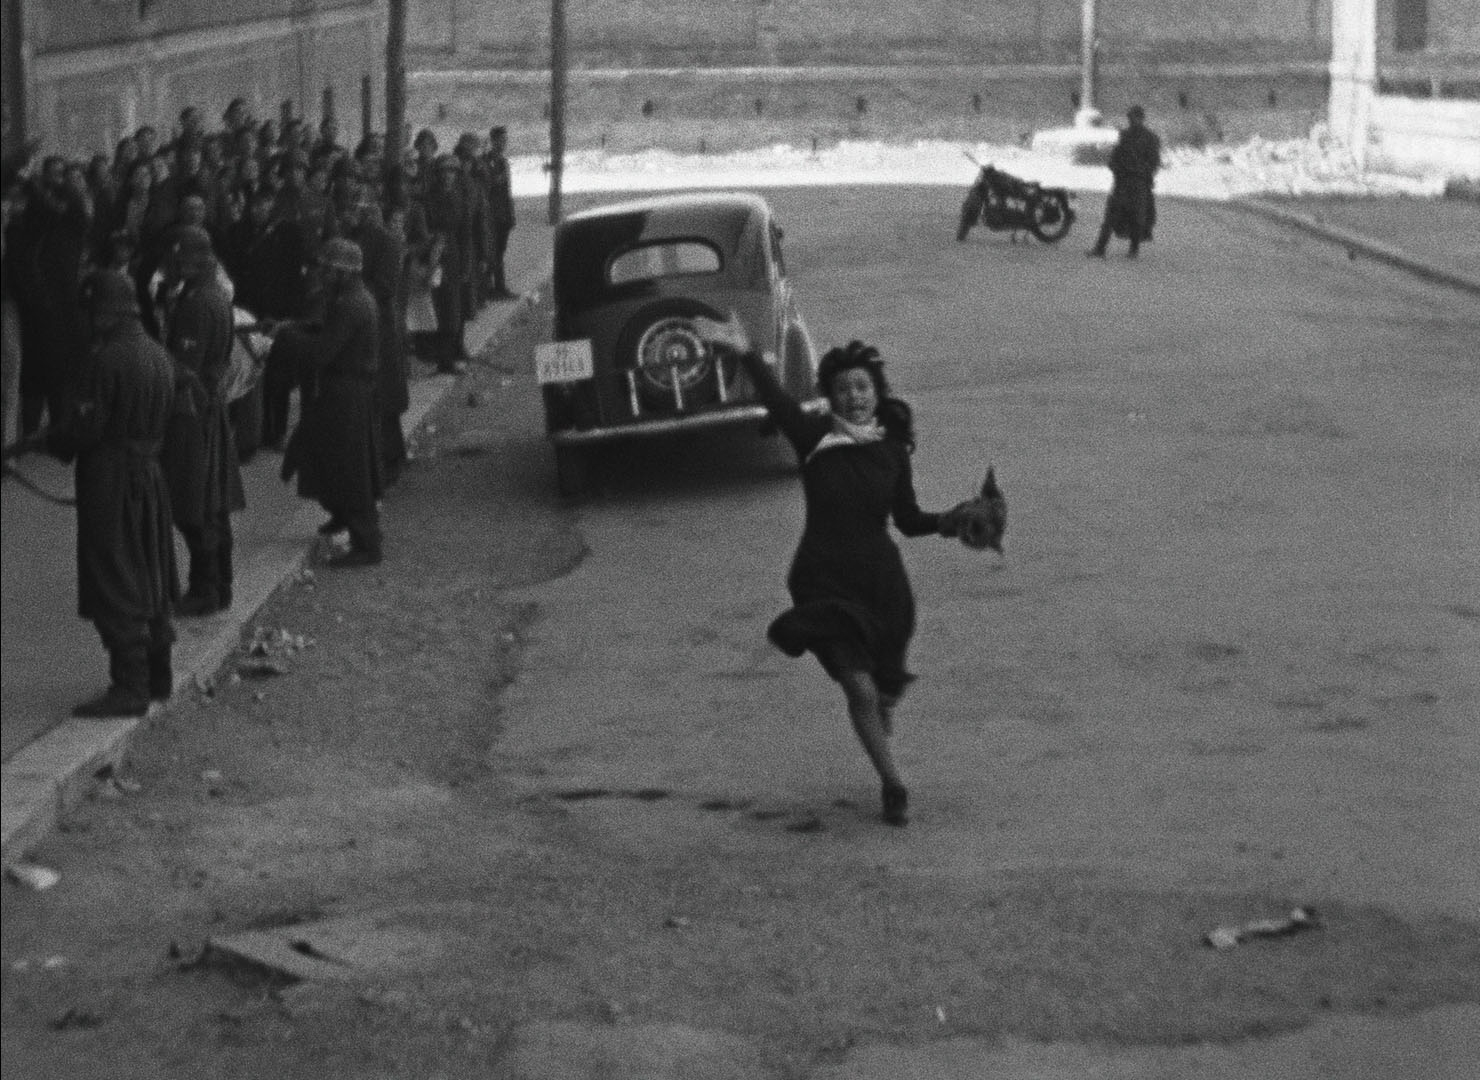 Roma, città aperta: un'immagine del film